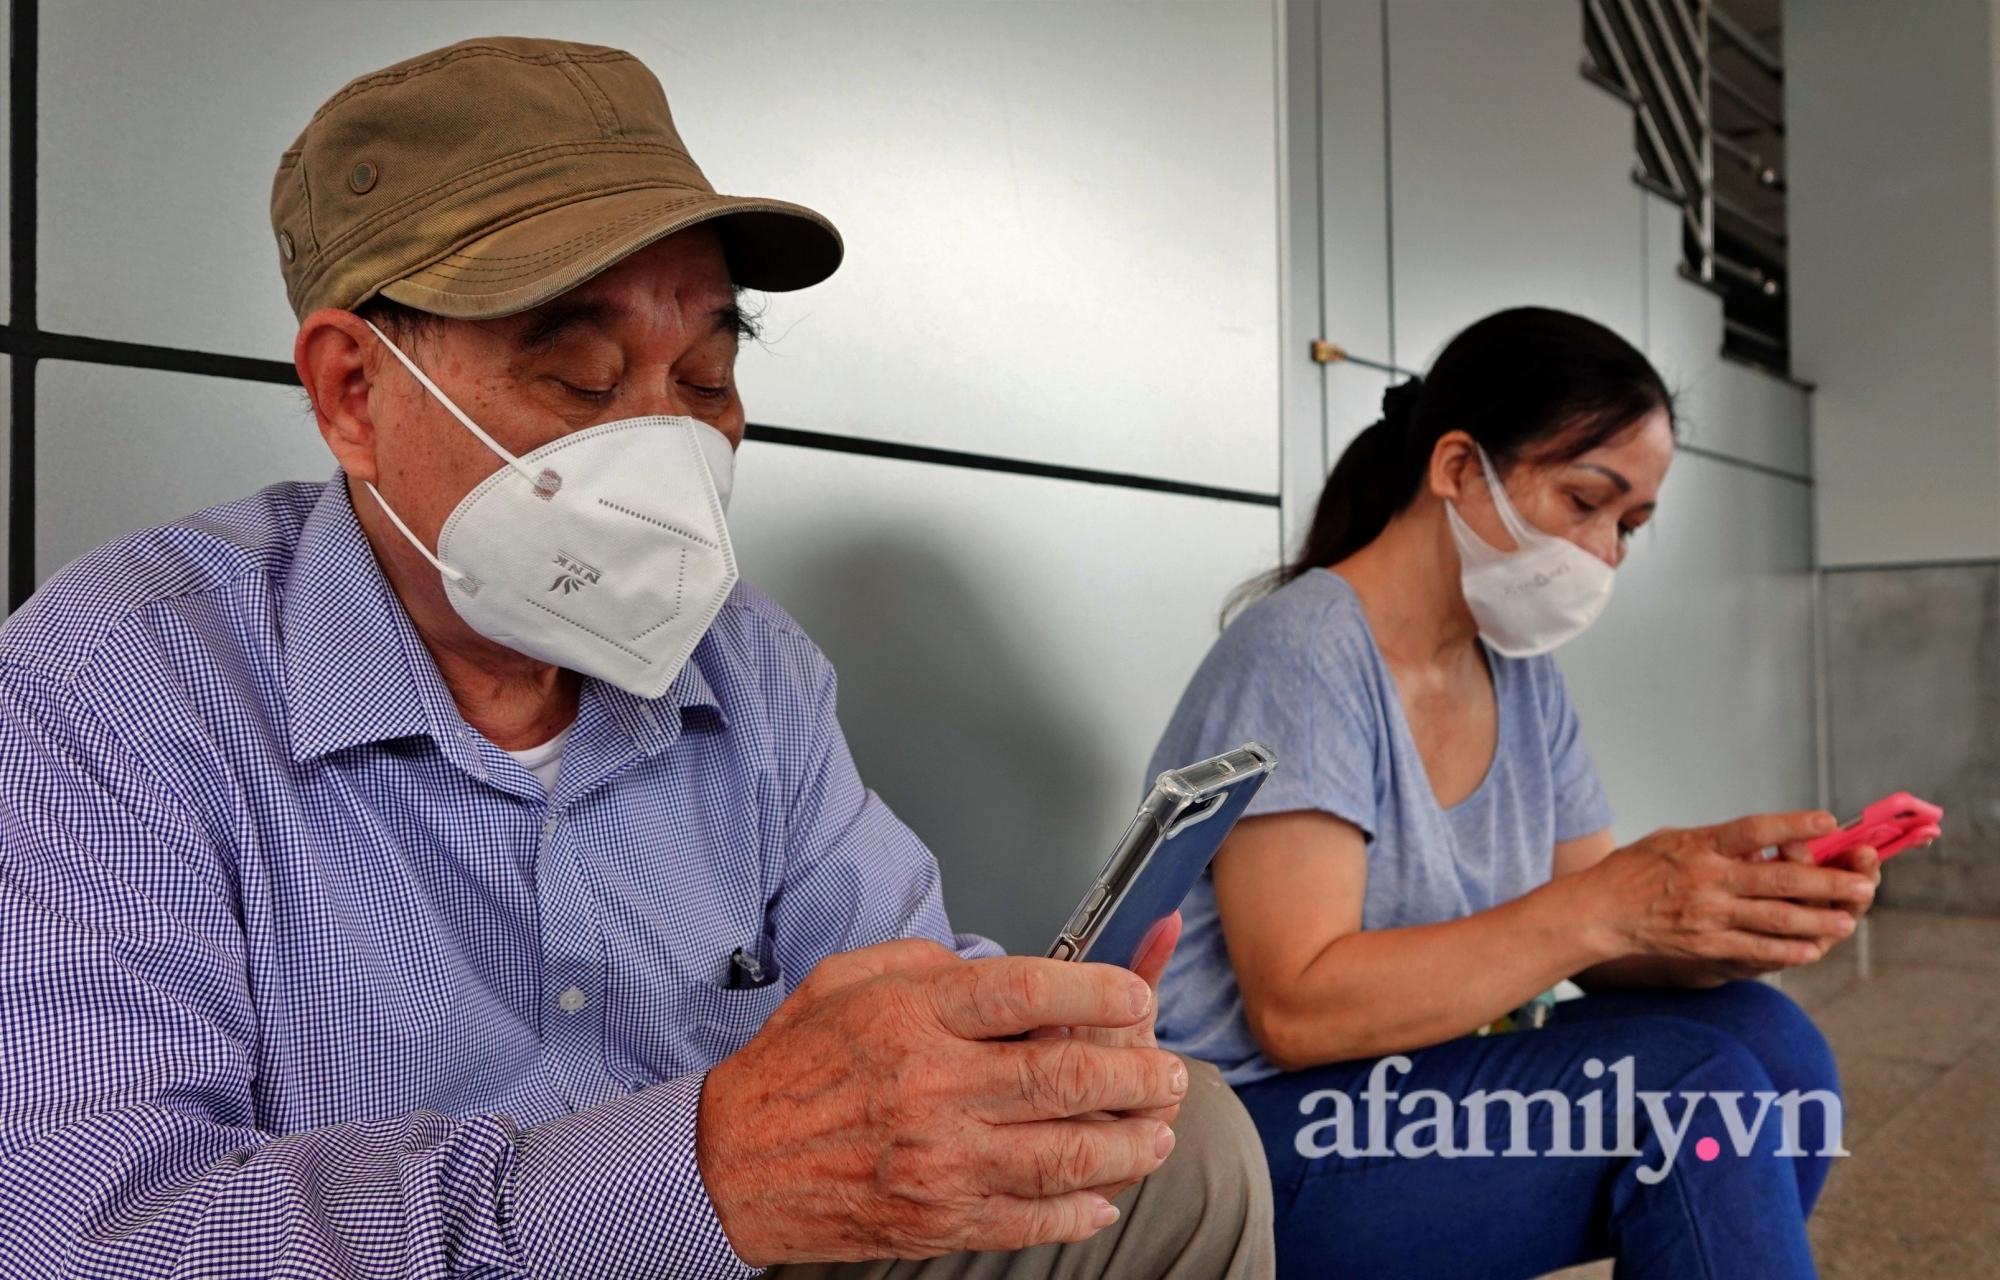 """Những chuyến bay về quê đầy thăng trầm sau hơn 4 tháng """"mắc kẹt"""" với Sài Gòn: """"Chỉ cần được về nhà, khó khăn gấp mấy tôi cũng chịu được"""" - Ảnh 3."""